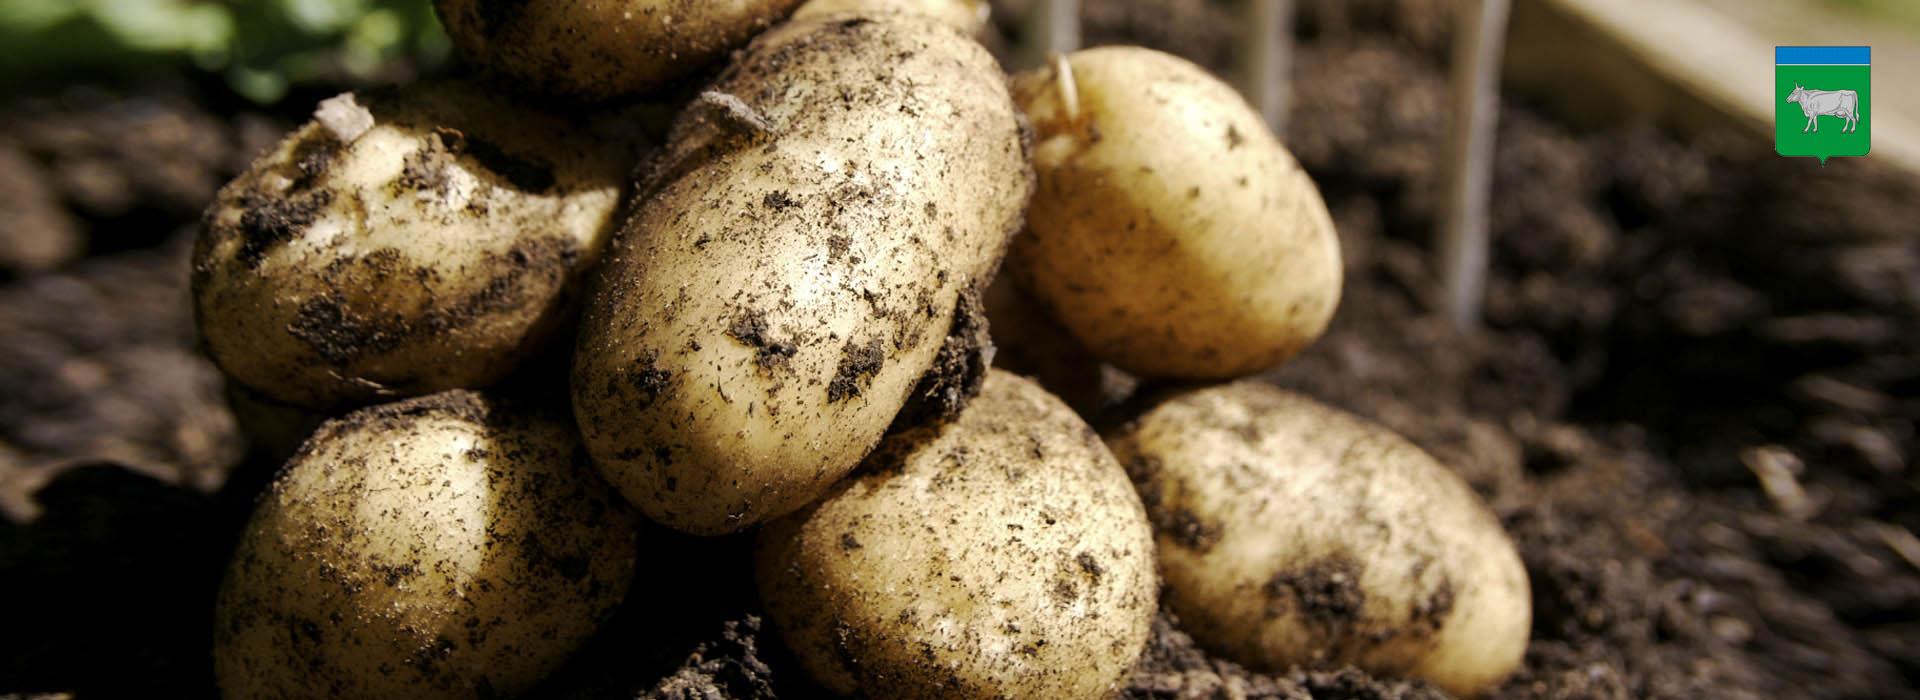 Развитие сельскохозяйственного предприятия (картофель)